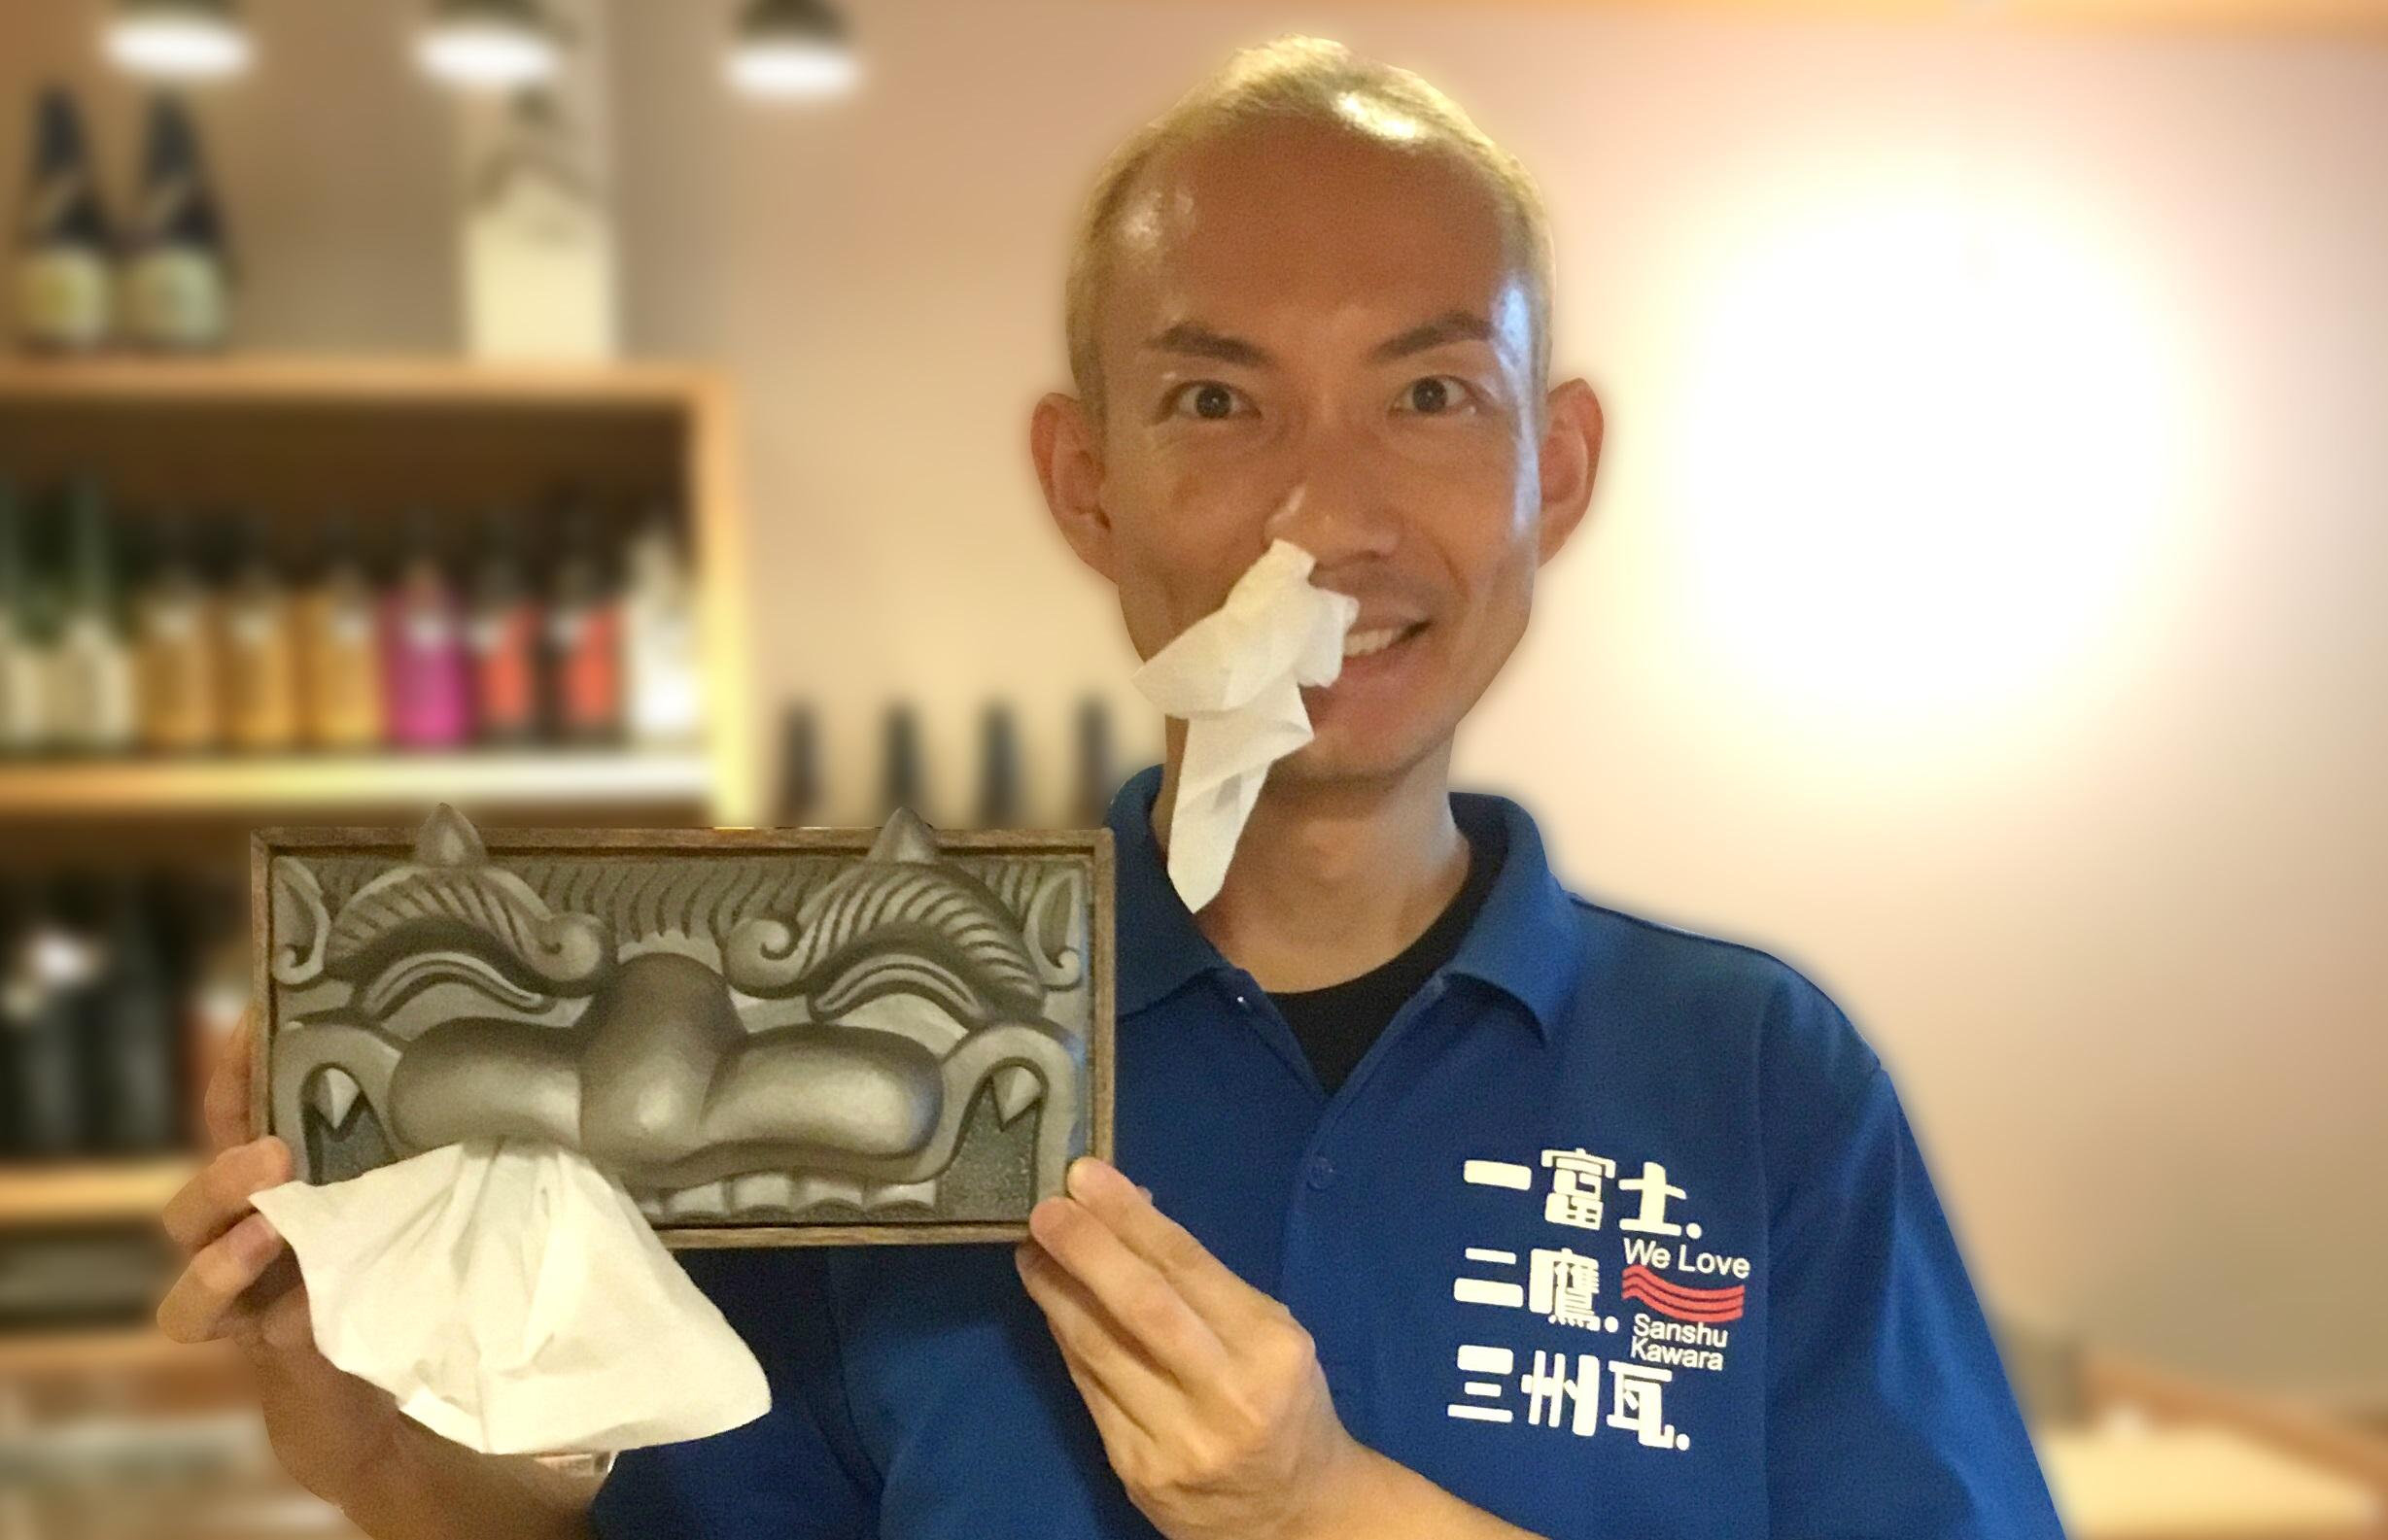 鬼瓦ティッシュケースが愛知県碧南市のふるさと納税返礼品に登録されています(笑)